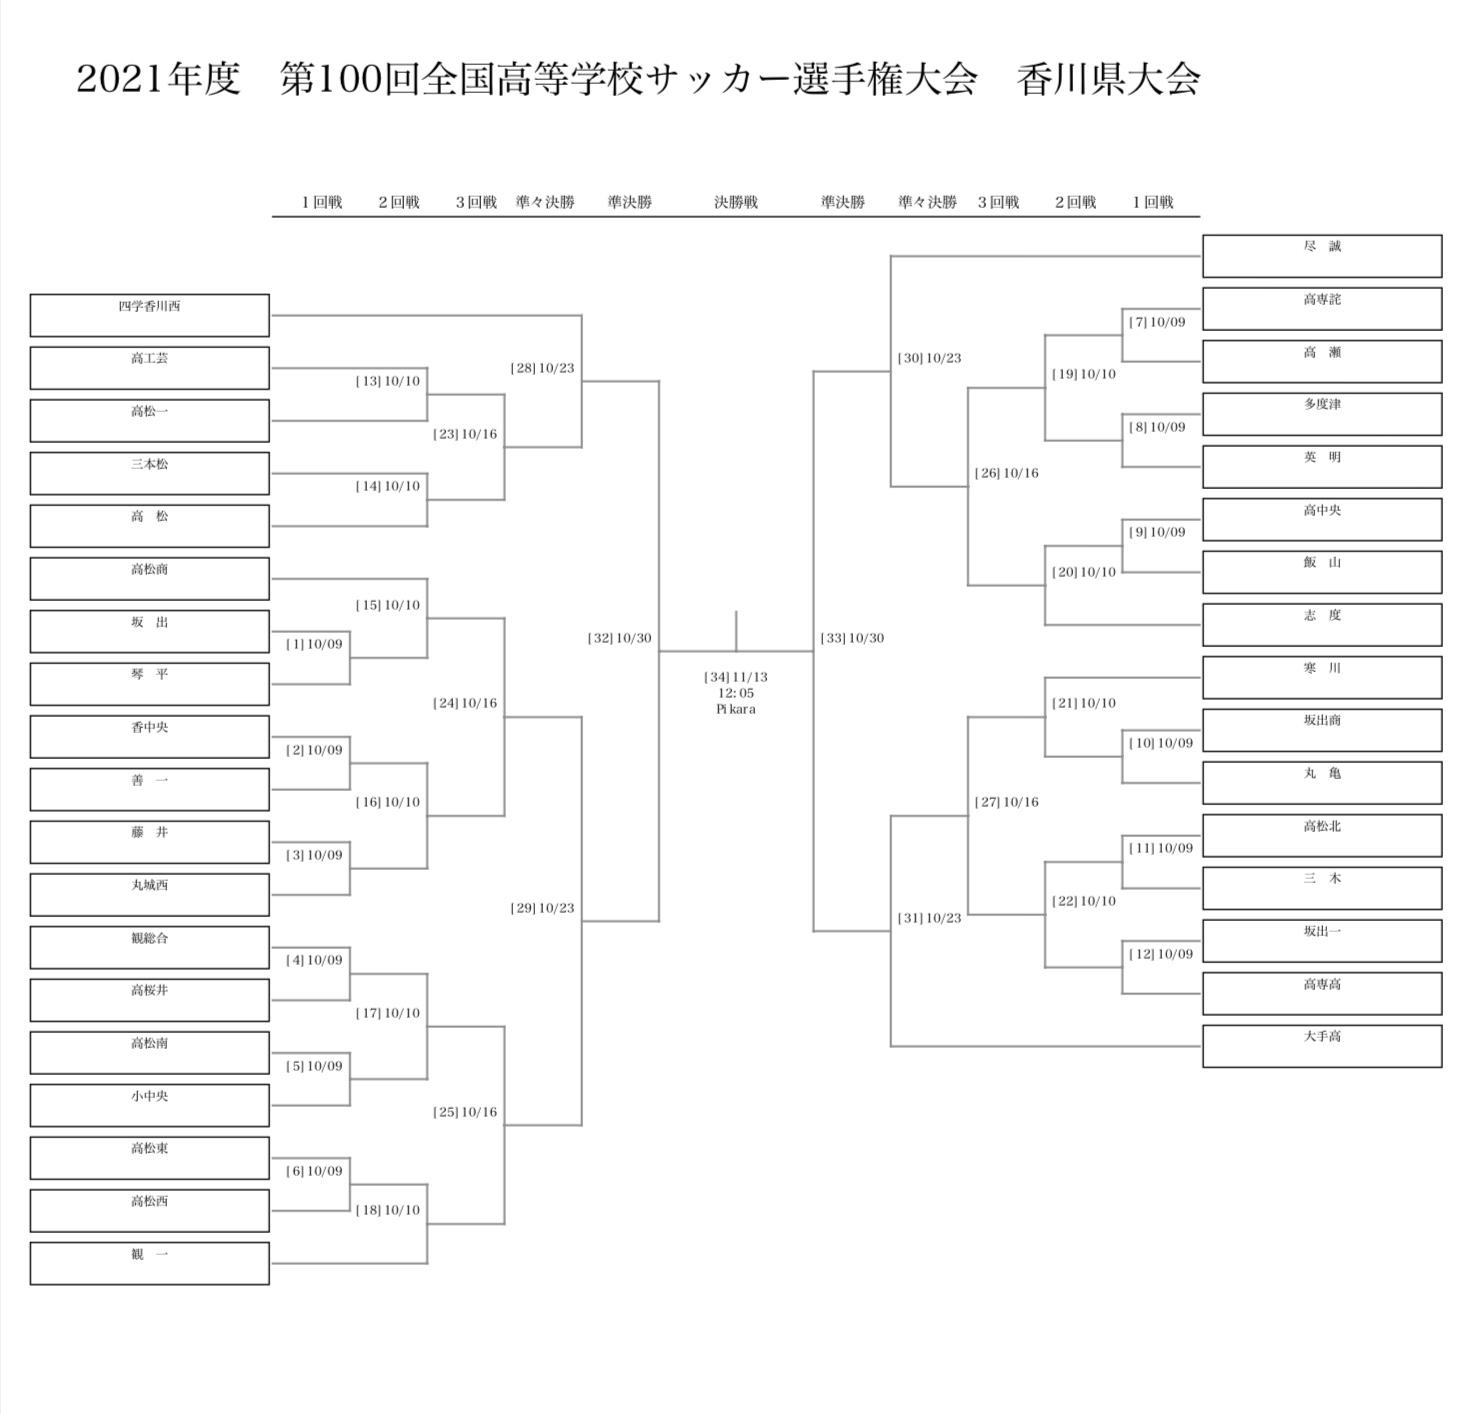 2021年度 第100回全国高等学校サッカー選手権大会 香川県大会 組み合わせ決定